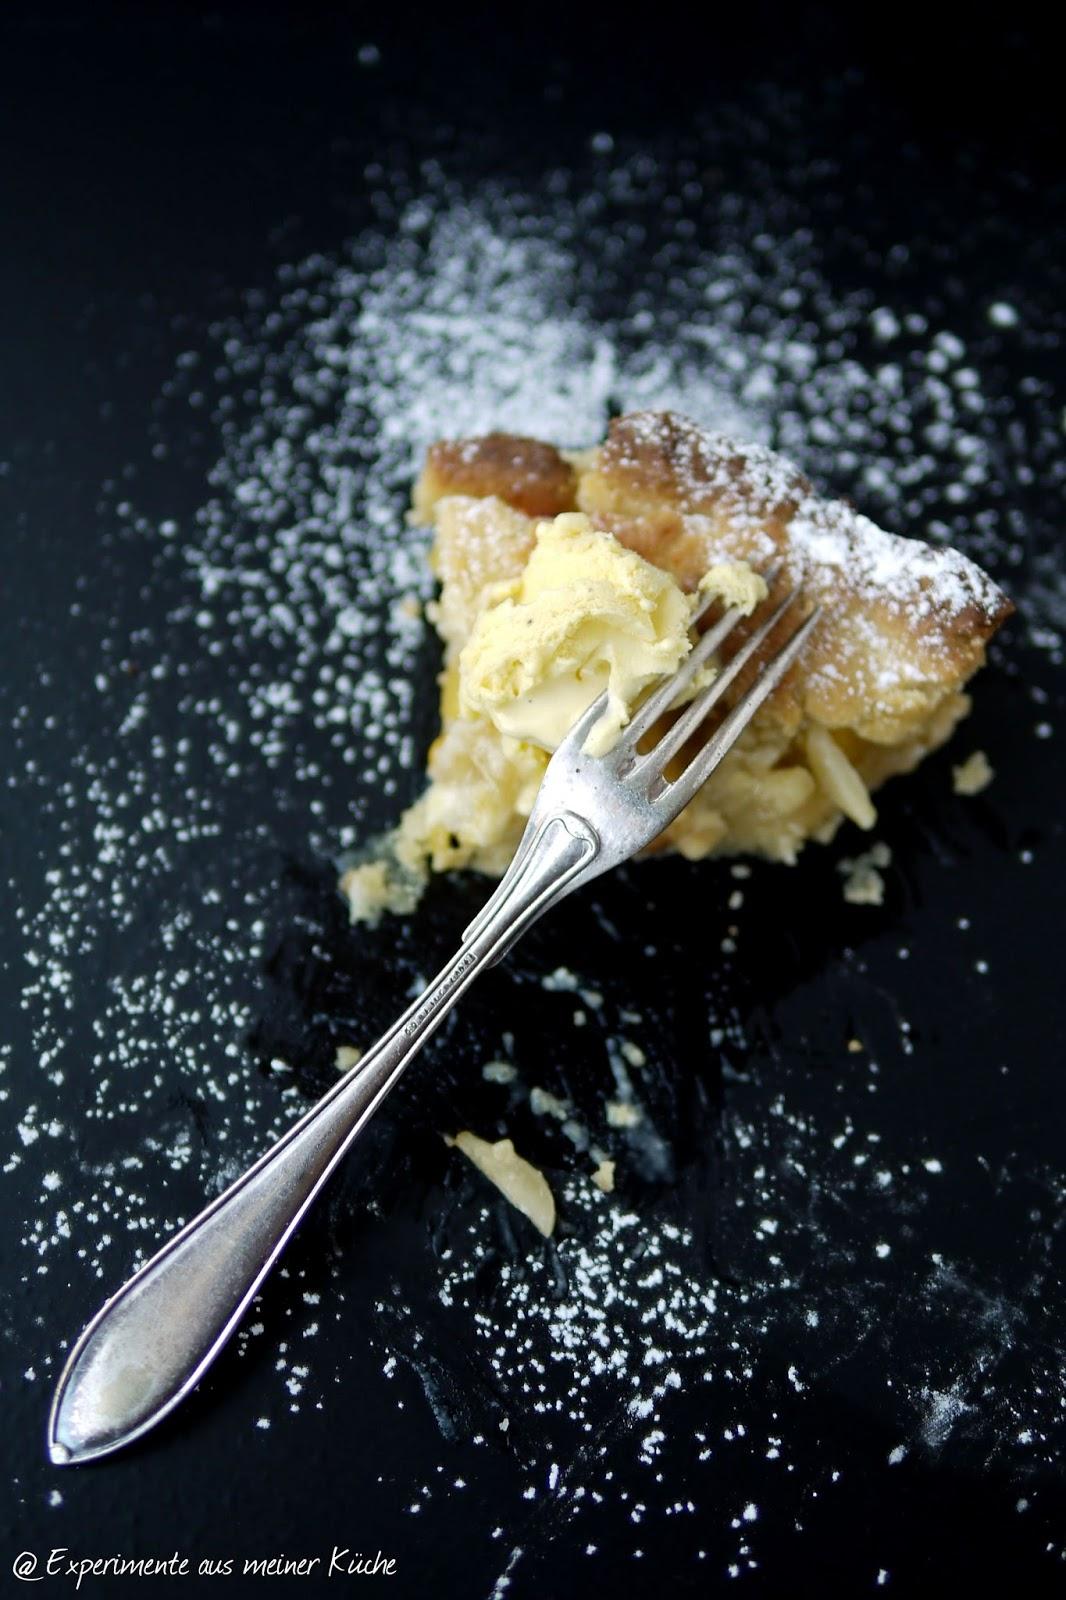 Experimente aus meiner Küche: Nektarinen-Marzipan-Tarte